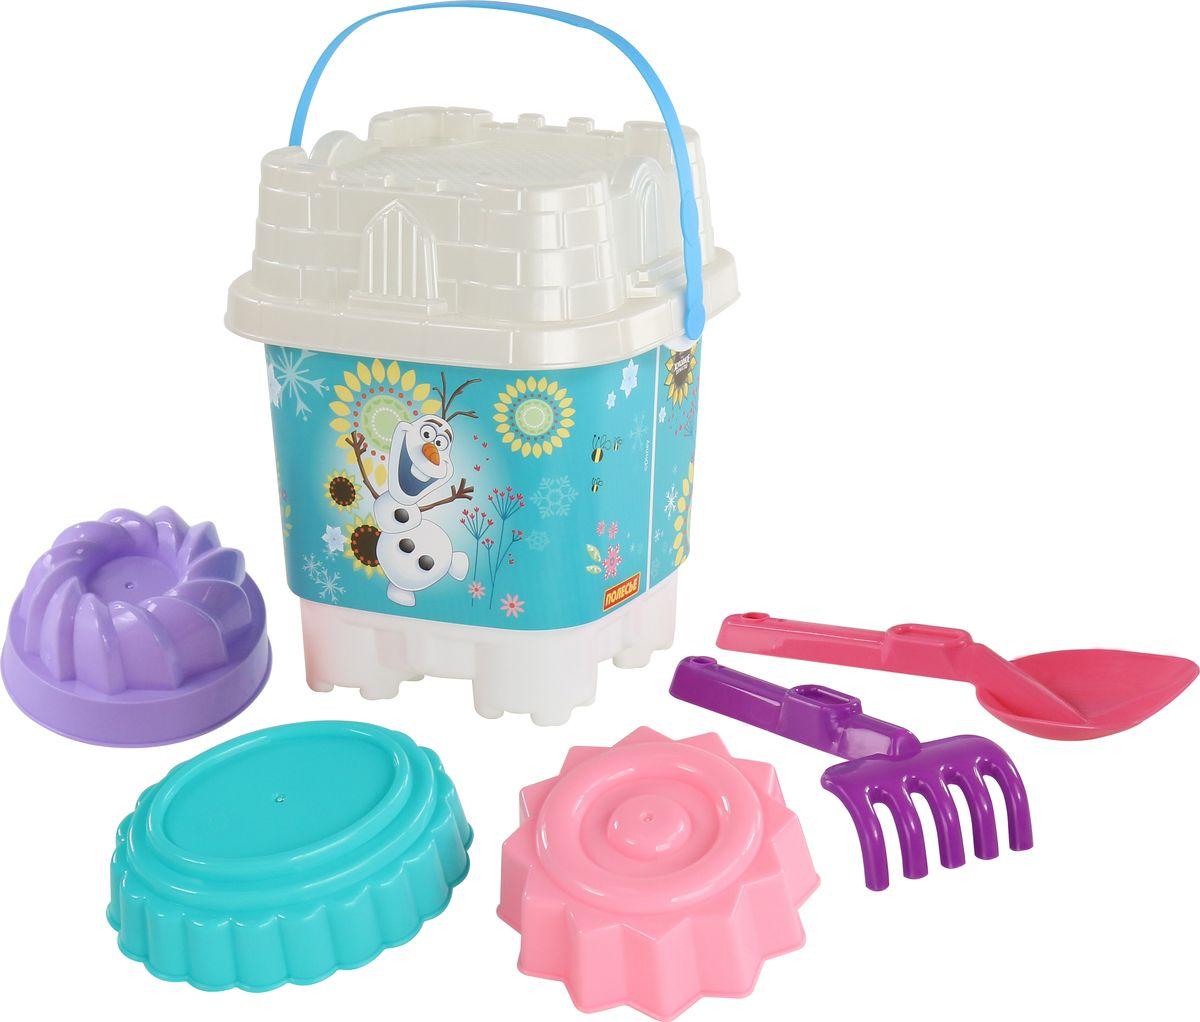 Disney Набор игрушек для песочницы Холодное сердце №17 marvel набор игрушек для песочницы софия прекрасная 1